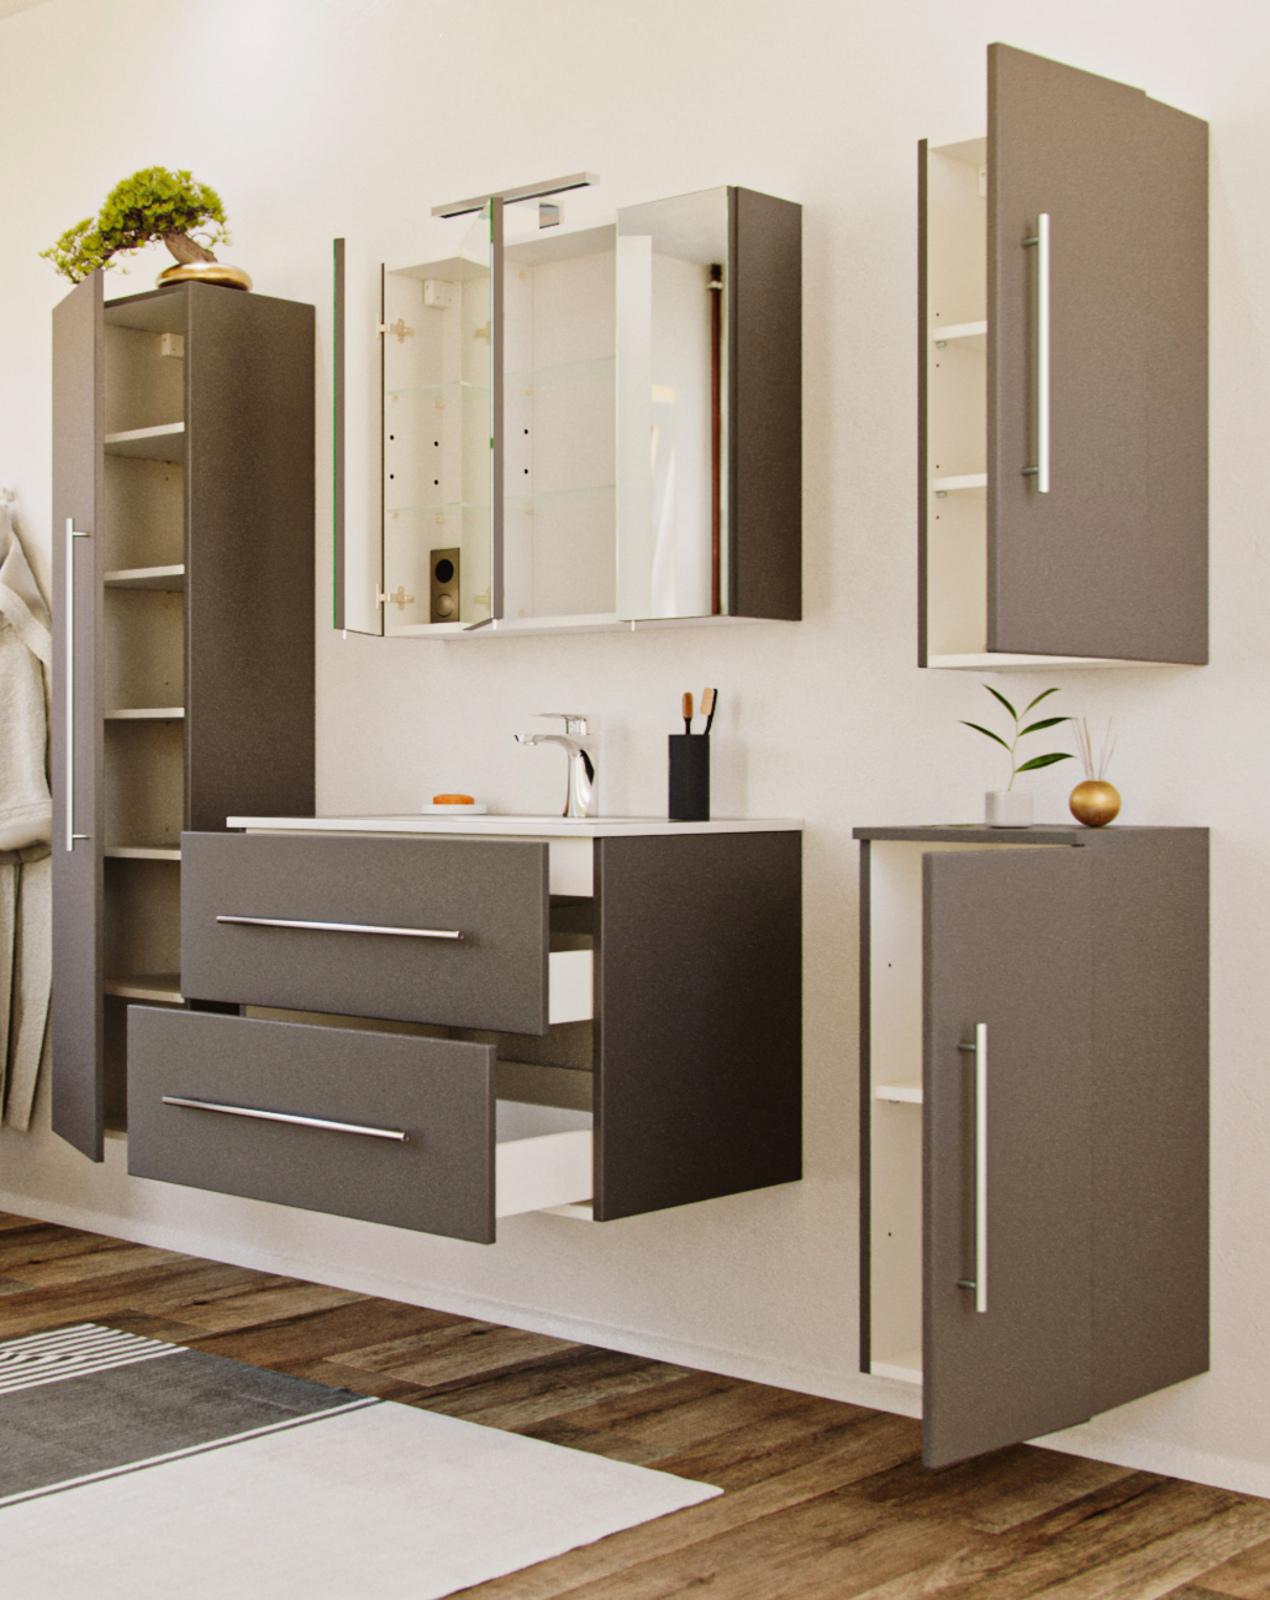 barschrank bareckschrank eckschrank sonoma eiche cannock12 exklusive moderne m bel. Black Bedroom Furniture Sets. Home Design Ideas